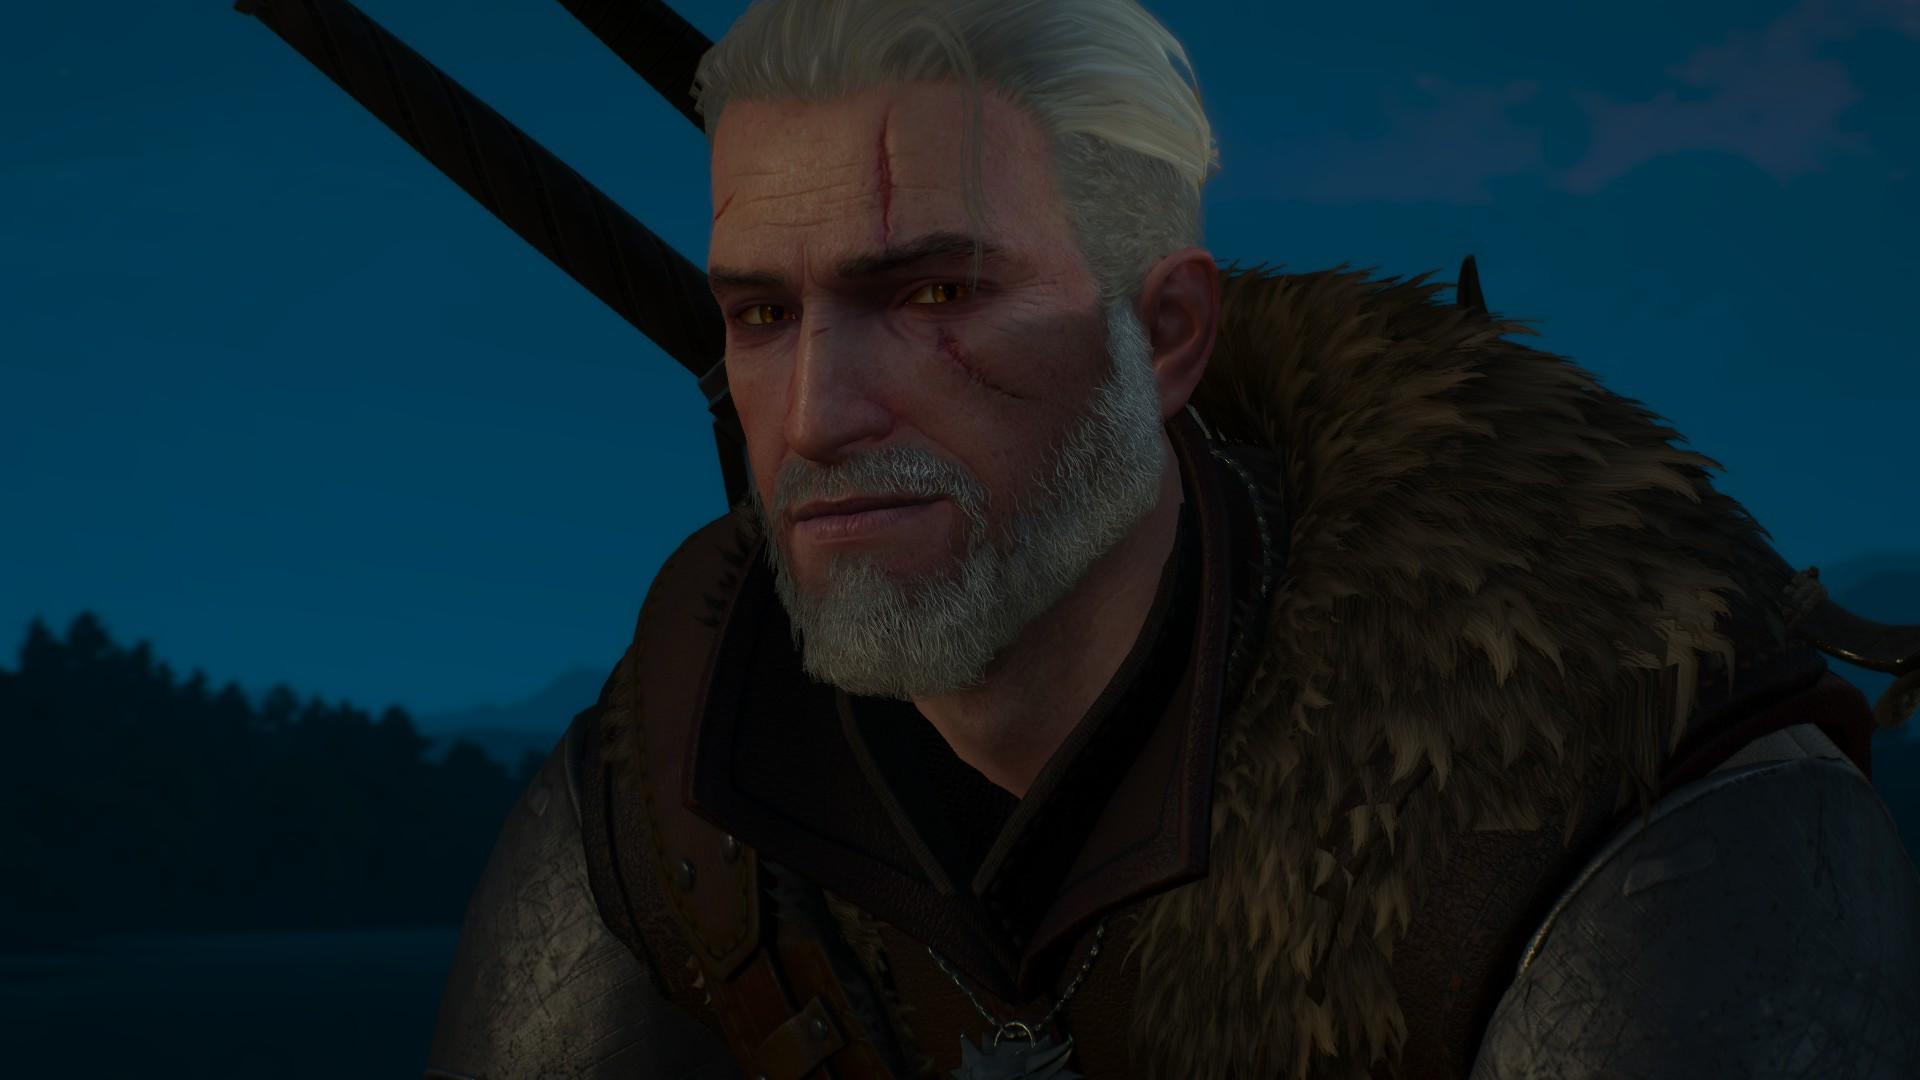 Обновление The Witcher 3: Wild Hunt для PS4 Pro непланируется